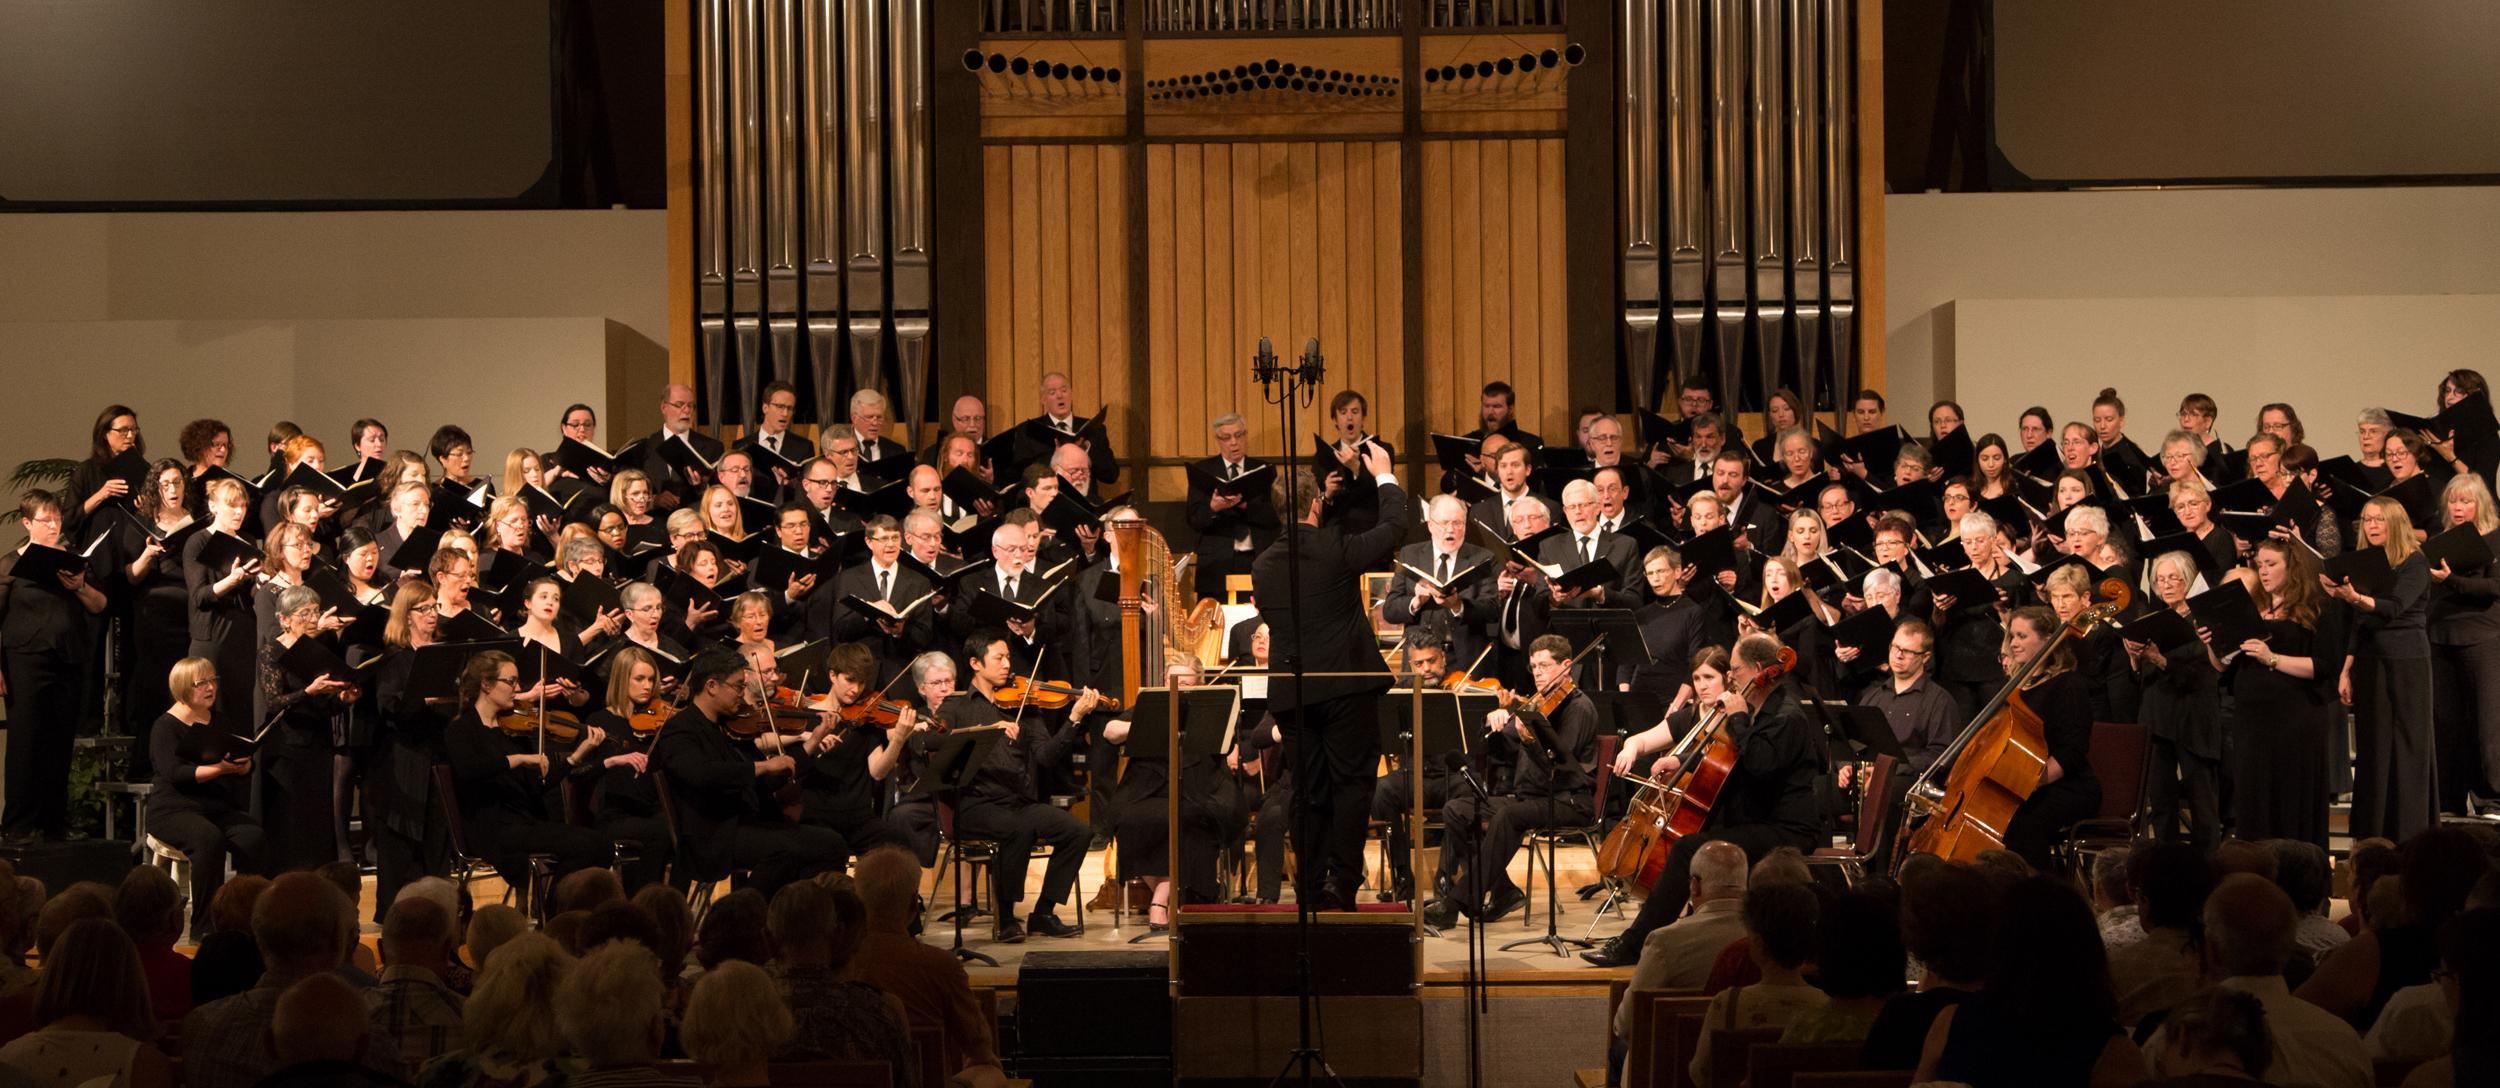 Vocal-Alchemy-Requiem--Concert-16.jpg